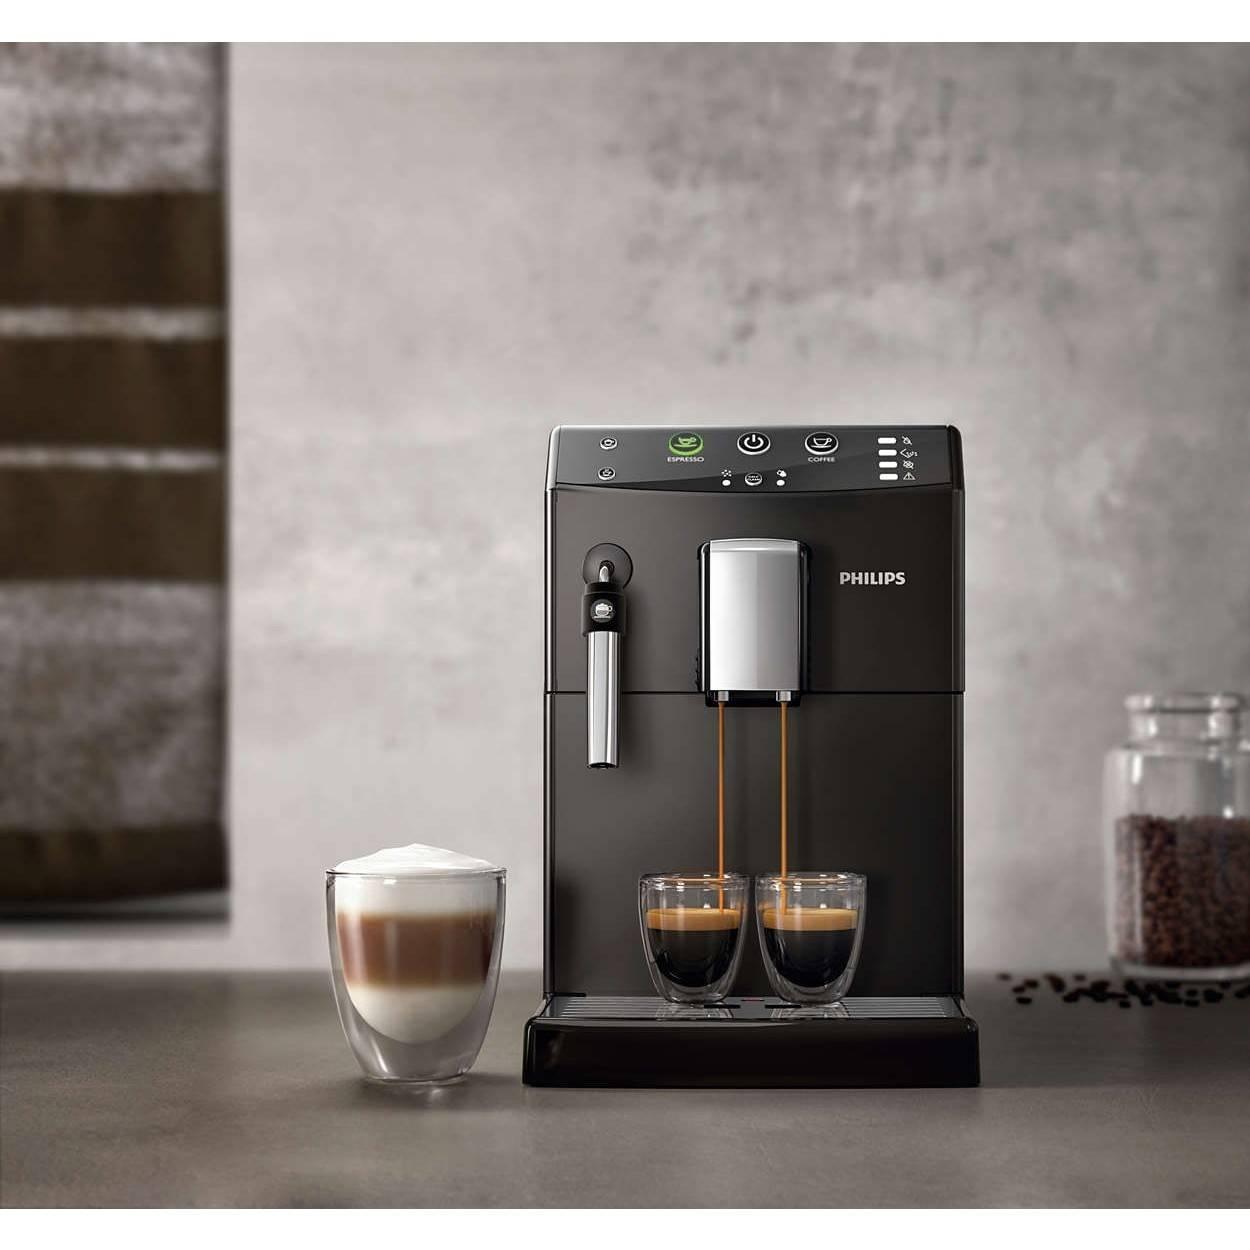 Рейтинг кофемашин 2020 — лучшие профессиональные кофемашины и для дома, капсульные, зерновые с капучинатором | повар знает